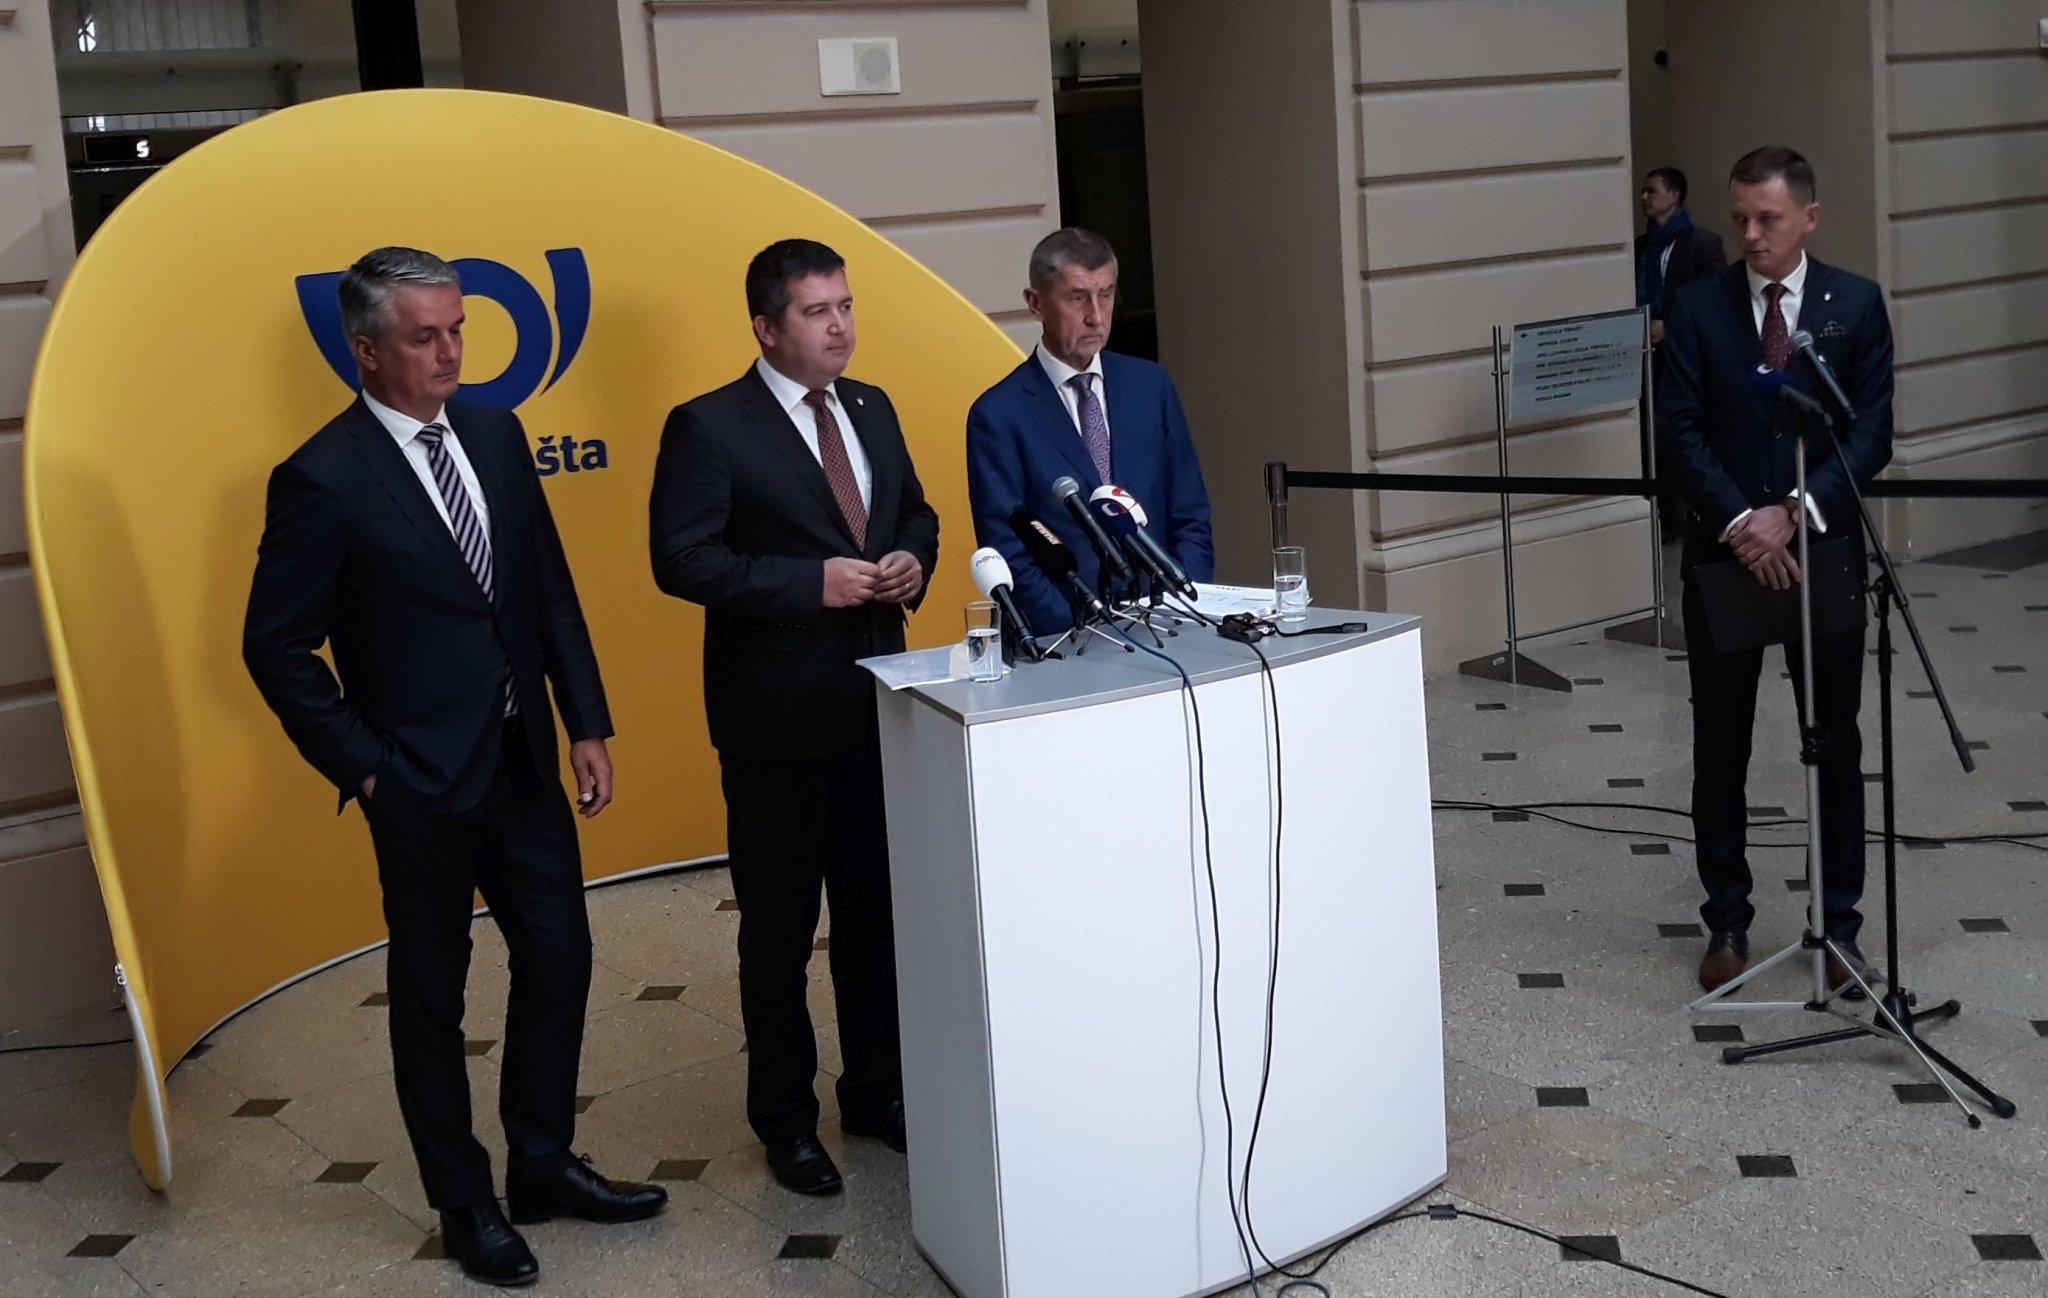 V centrále České pošty v Jindřišské ulici se setkali její ředitel Knap, ministr vnitra Hamáček, premiér Babiš a další ministři.